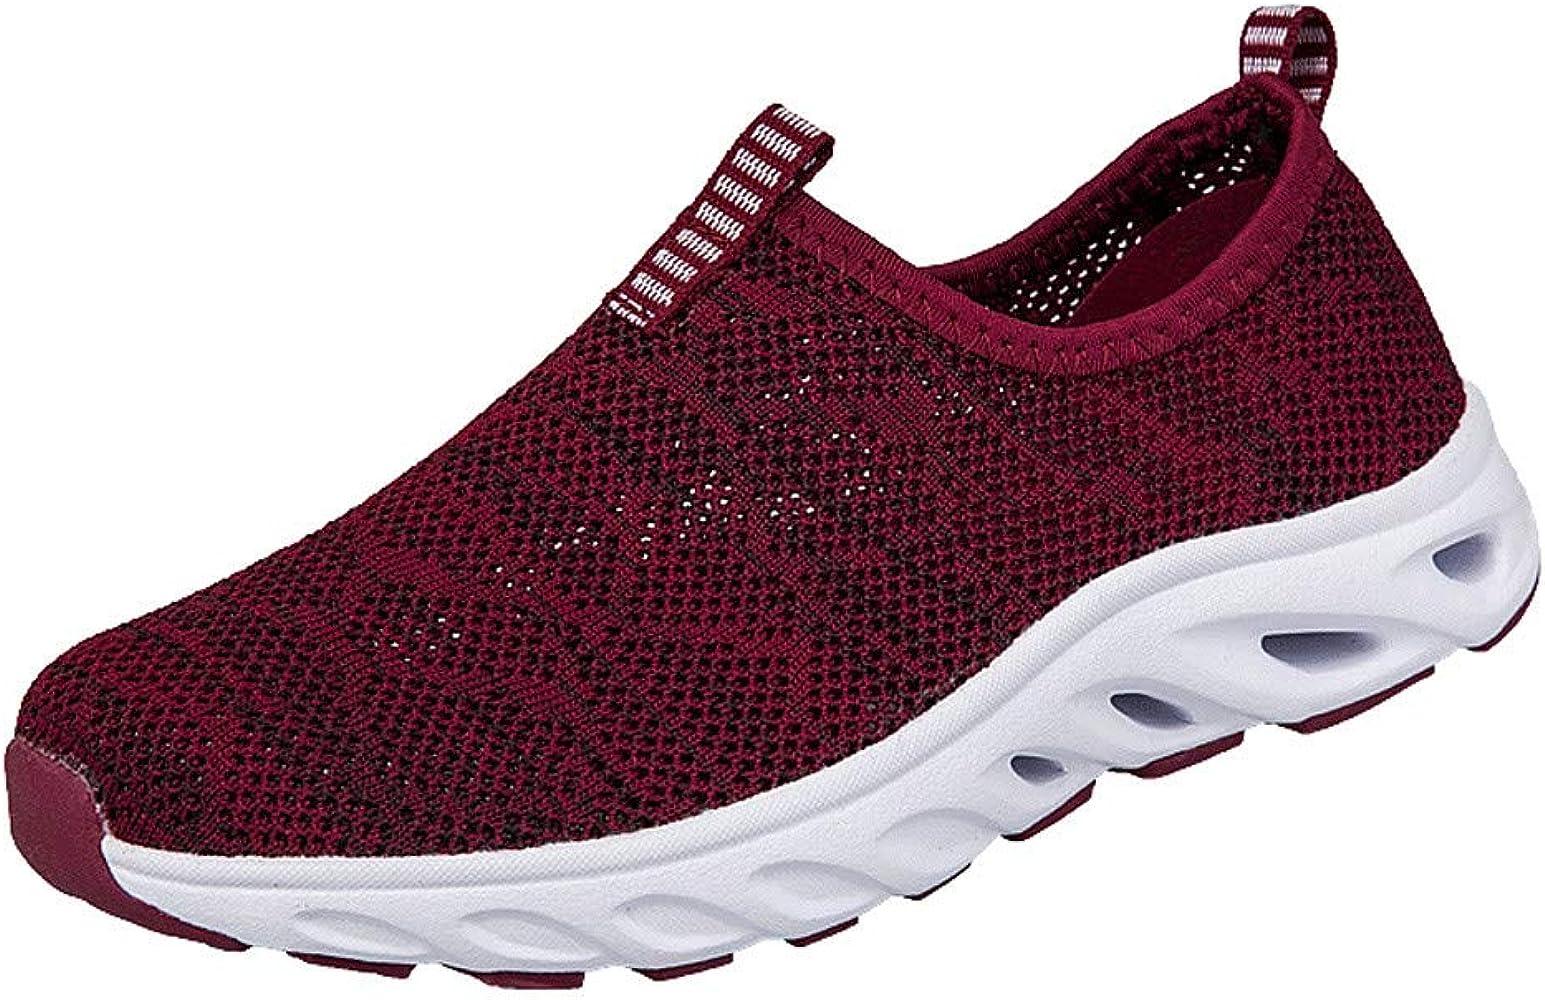 YUTING Zapatos Deporte Mujer Zapatillas Deportivas Correr Gimnasio Casual Zapatos para Caminar Mesh Running Transpirable Aumentar Más Altos Sneakers: Amazon.es: Ropa y accesorios